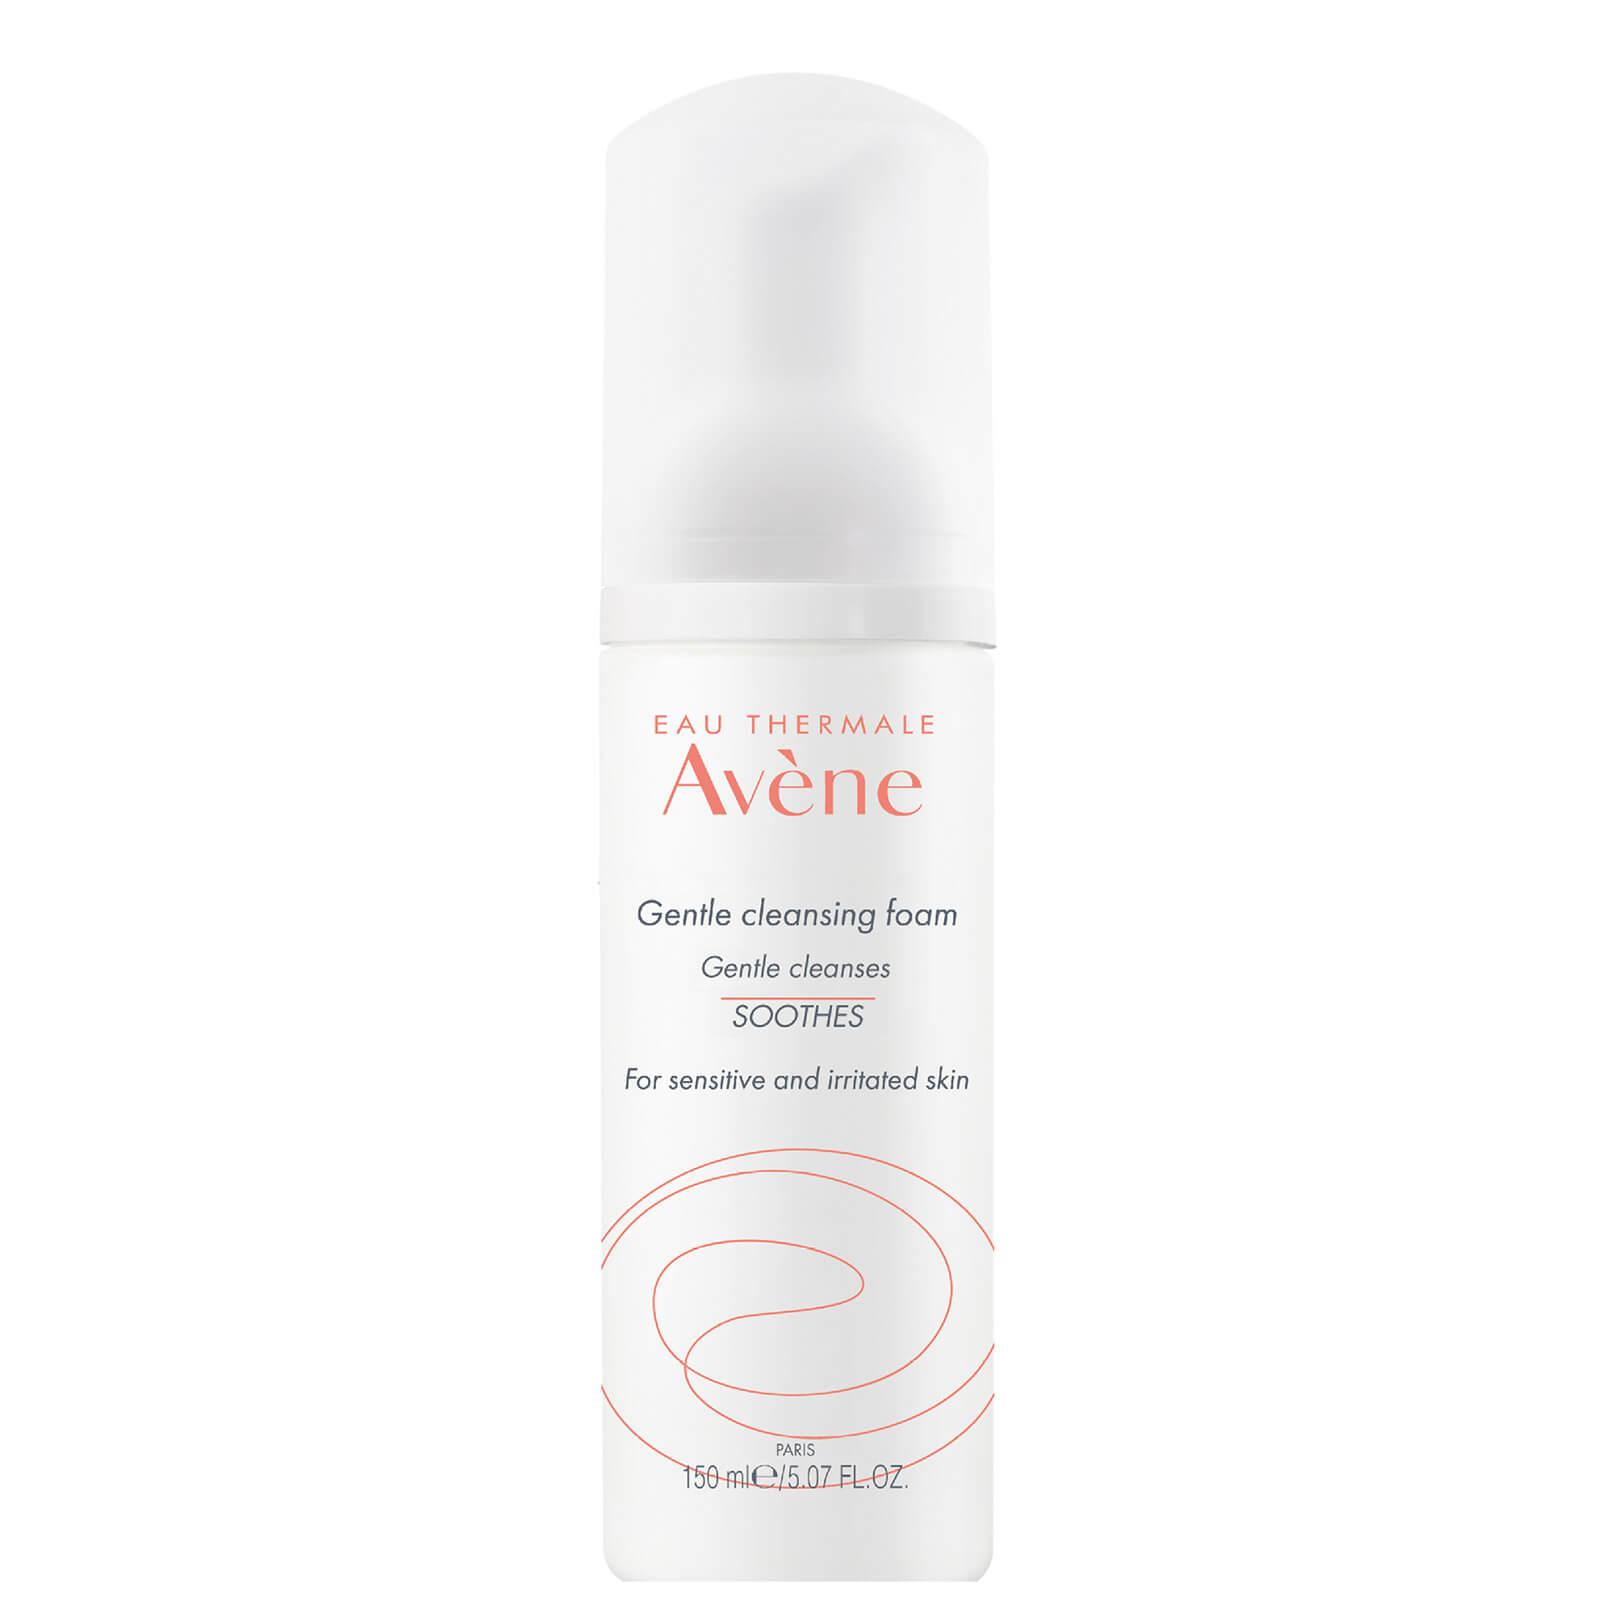 Avène trattamenti essenziali viso - schiuma detergente 150 ml